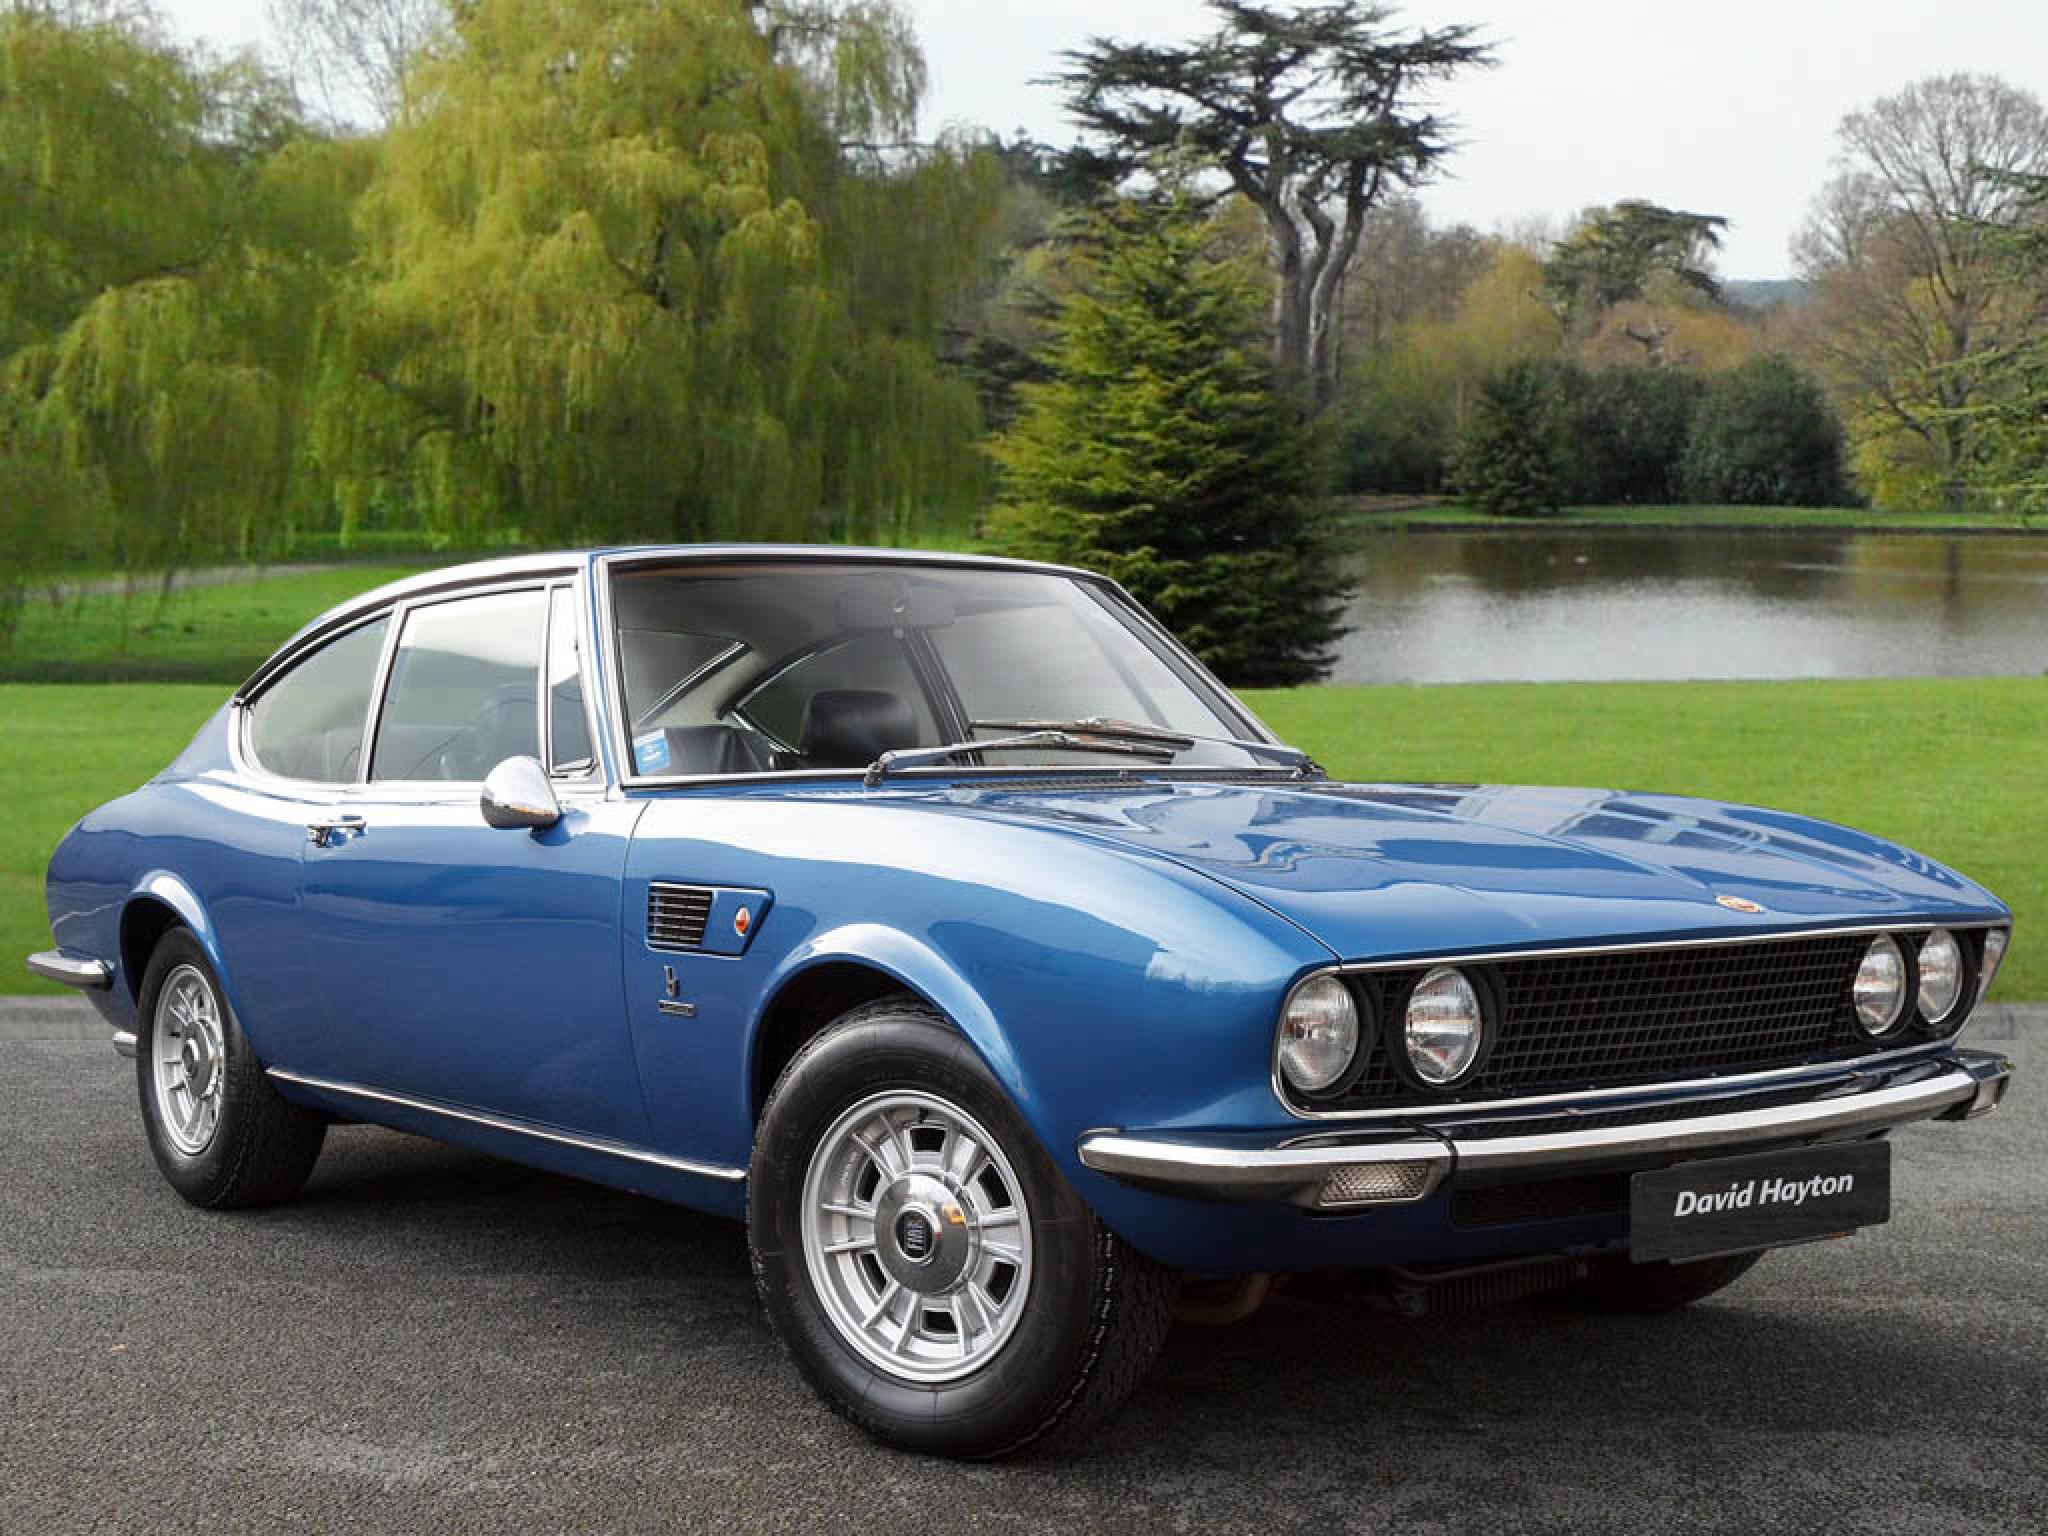 1970 Fiat Dino 2400 Import Krx842h